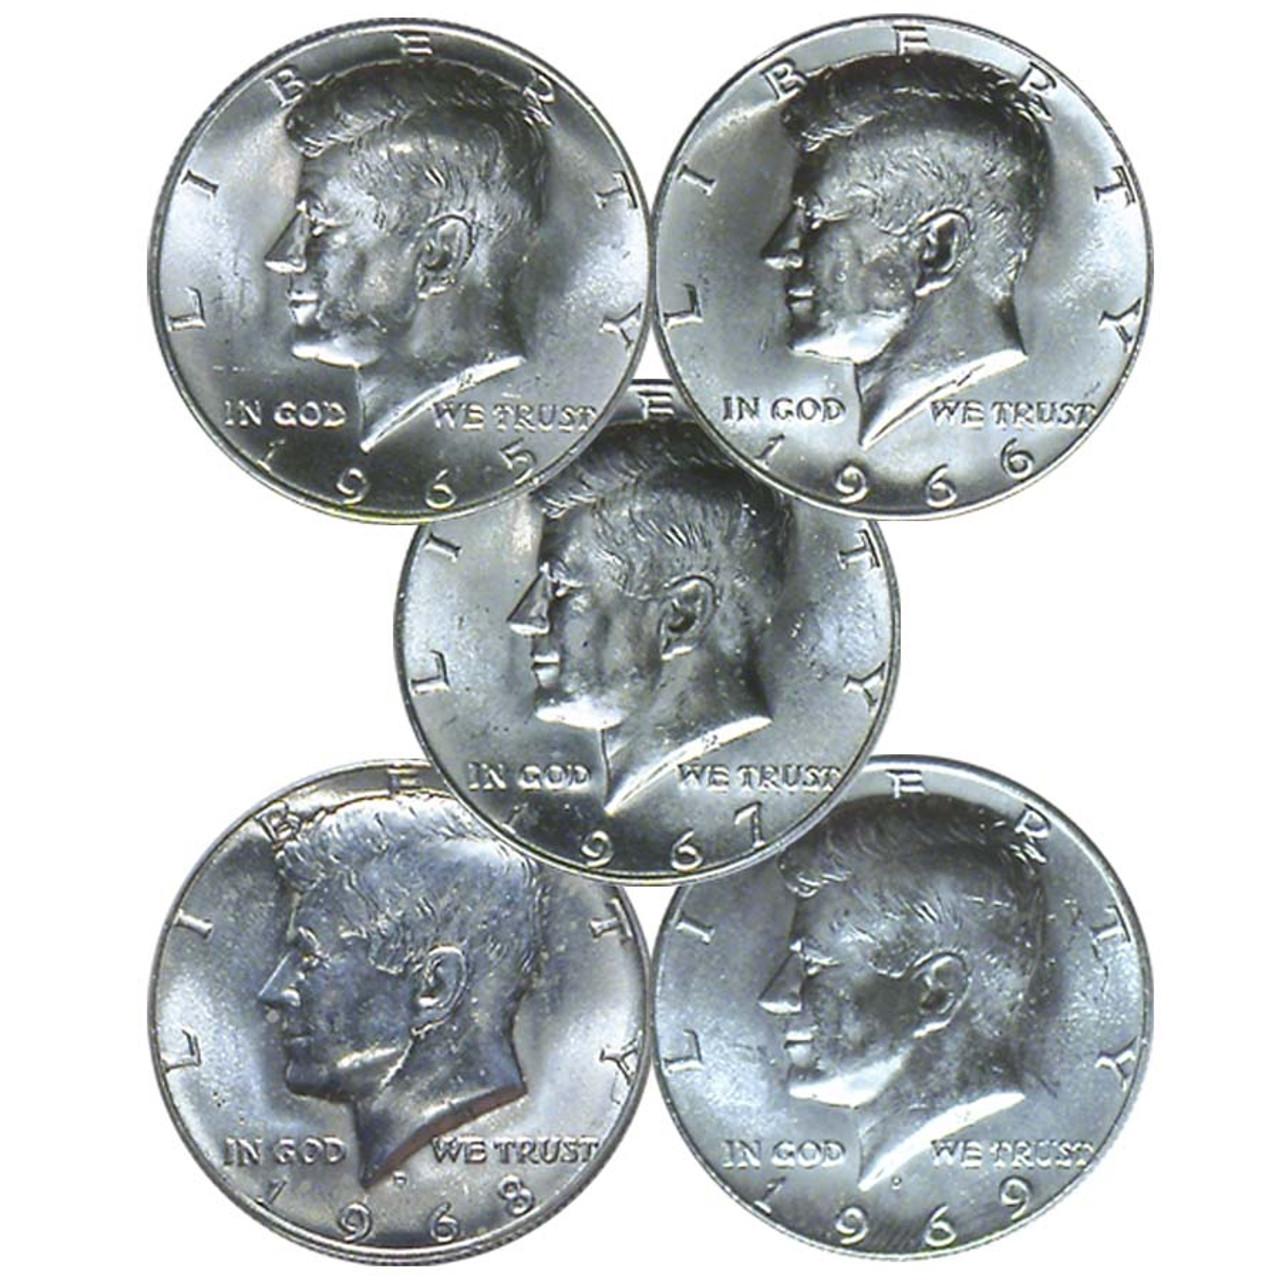 U.S. 1965-1969 Kennedy Half Dollar 5 Coin Set Brilliant Uncirculated